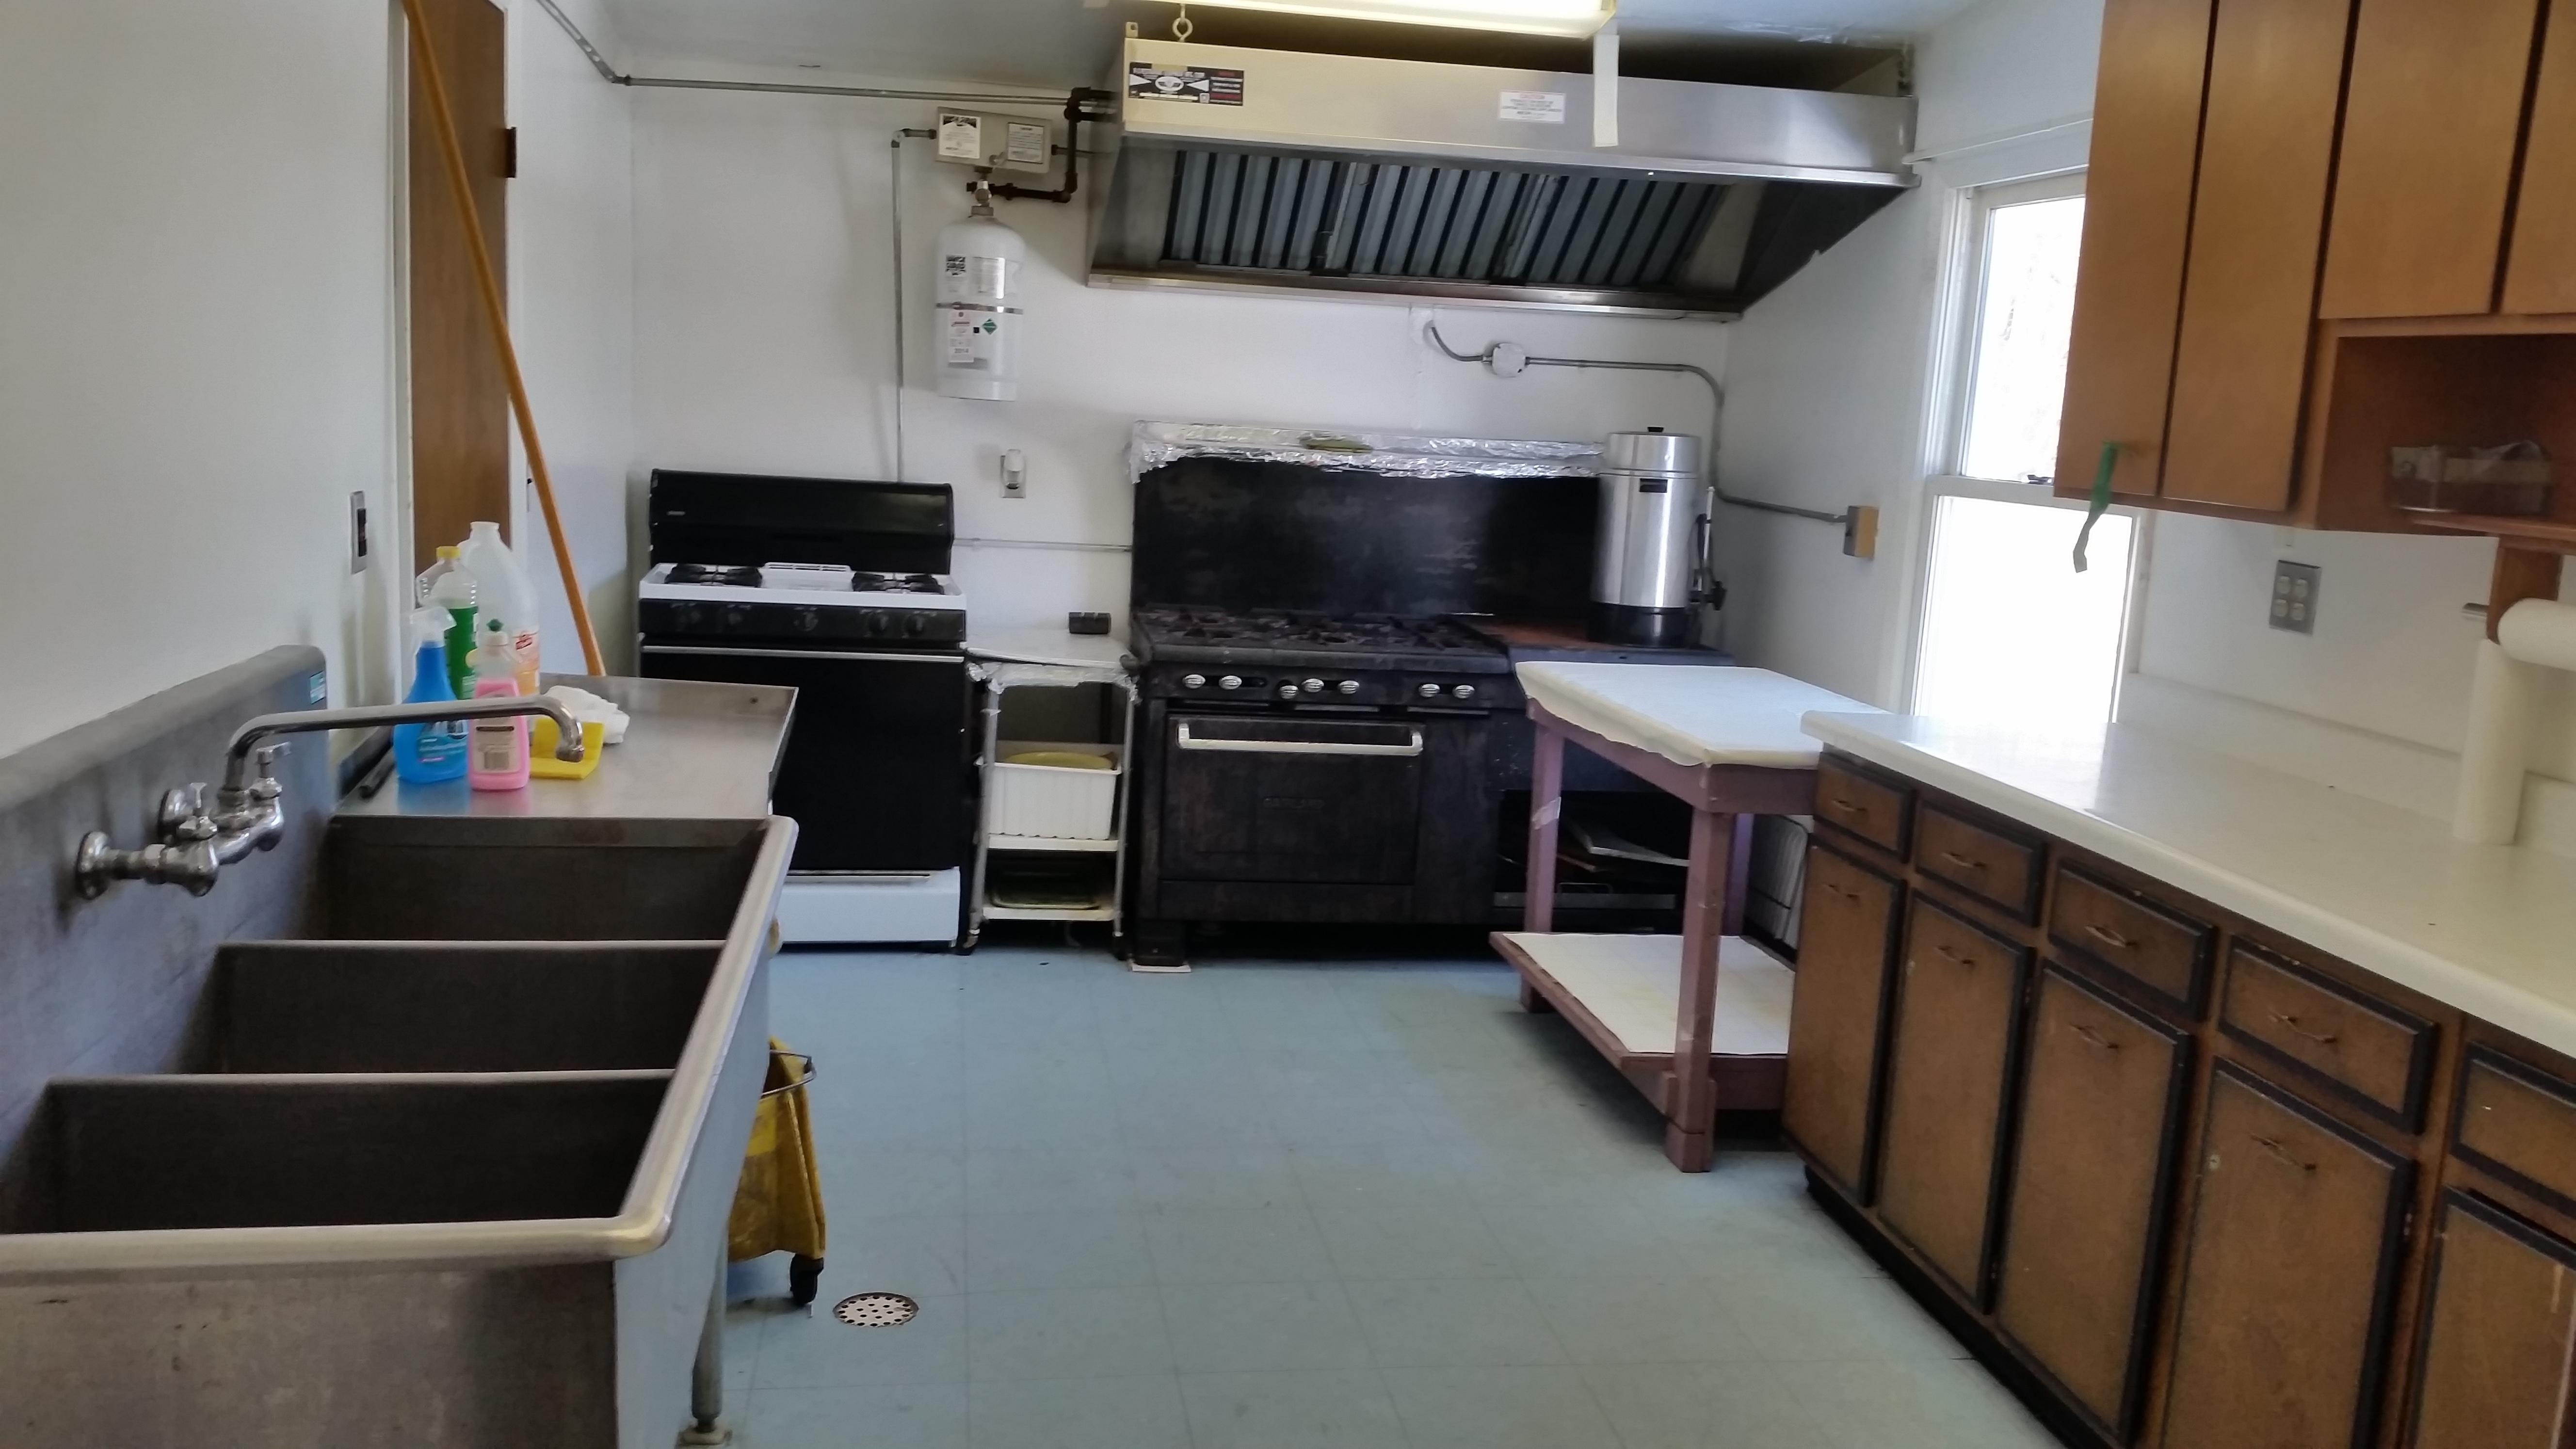 5c568e7c9445e35f105f_kitchen.jpg